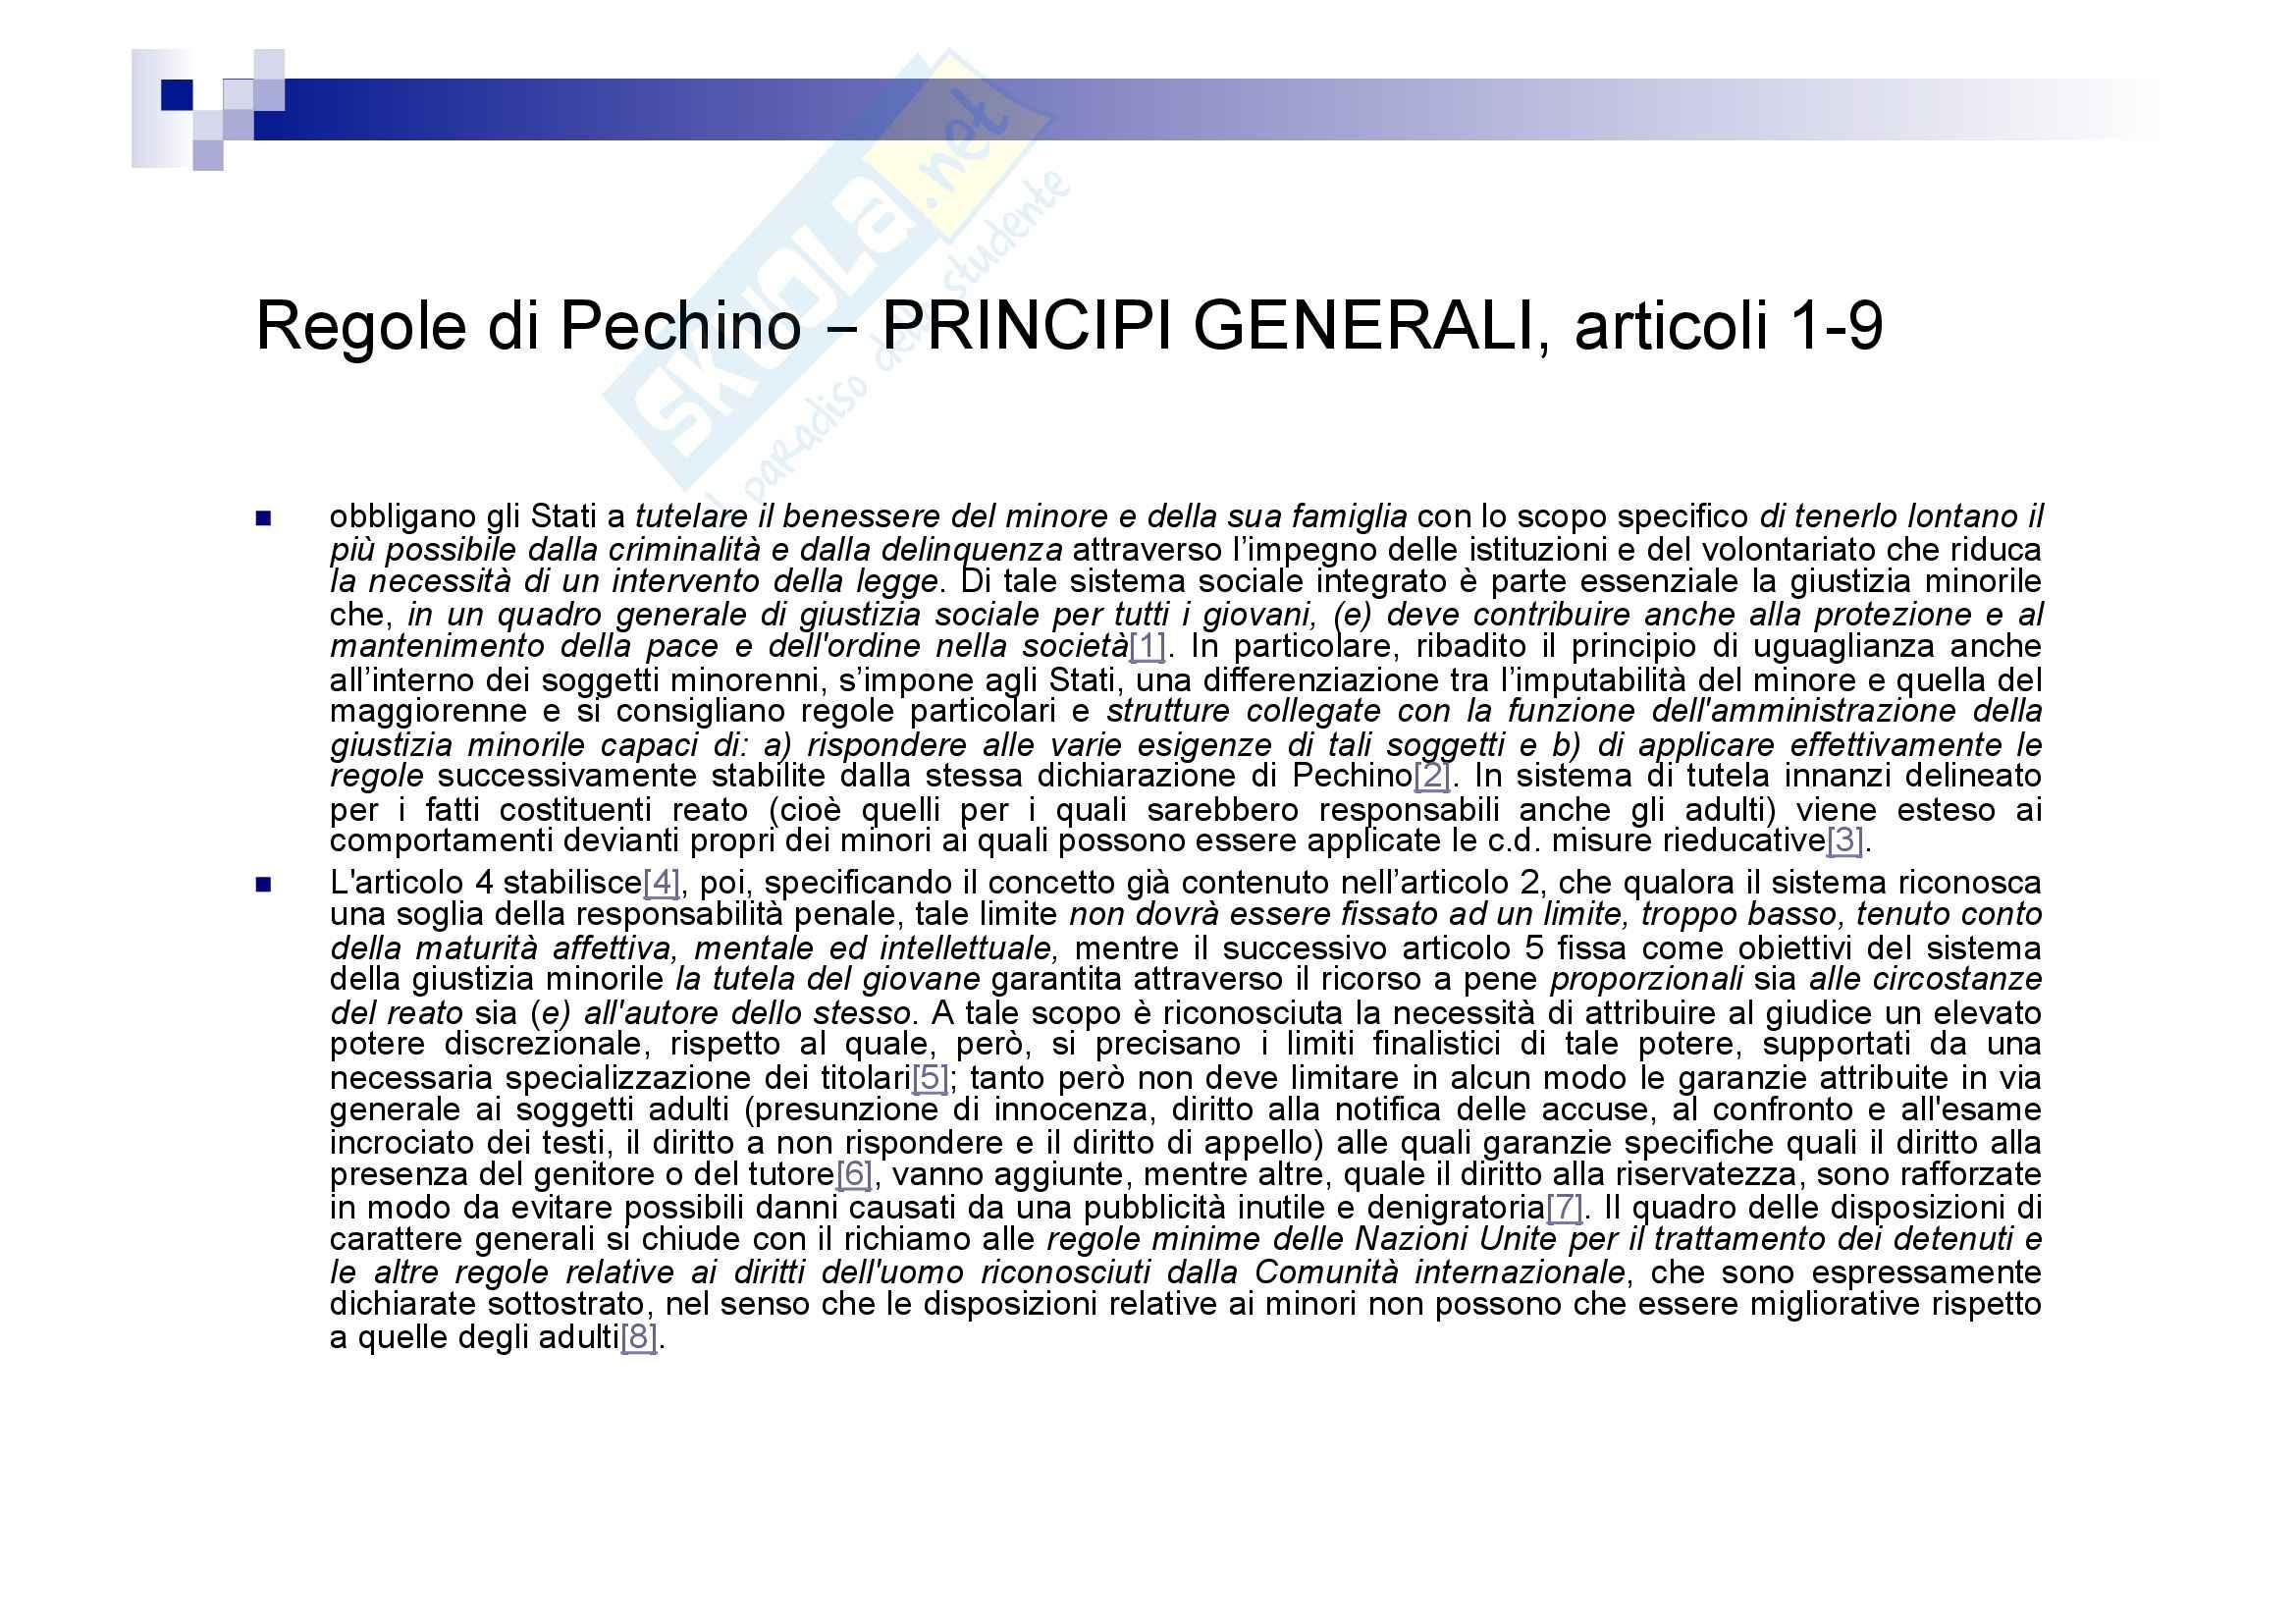 Processo penale minorile - elementi del processo penale minorile Pag. 66